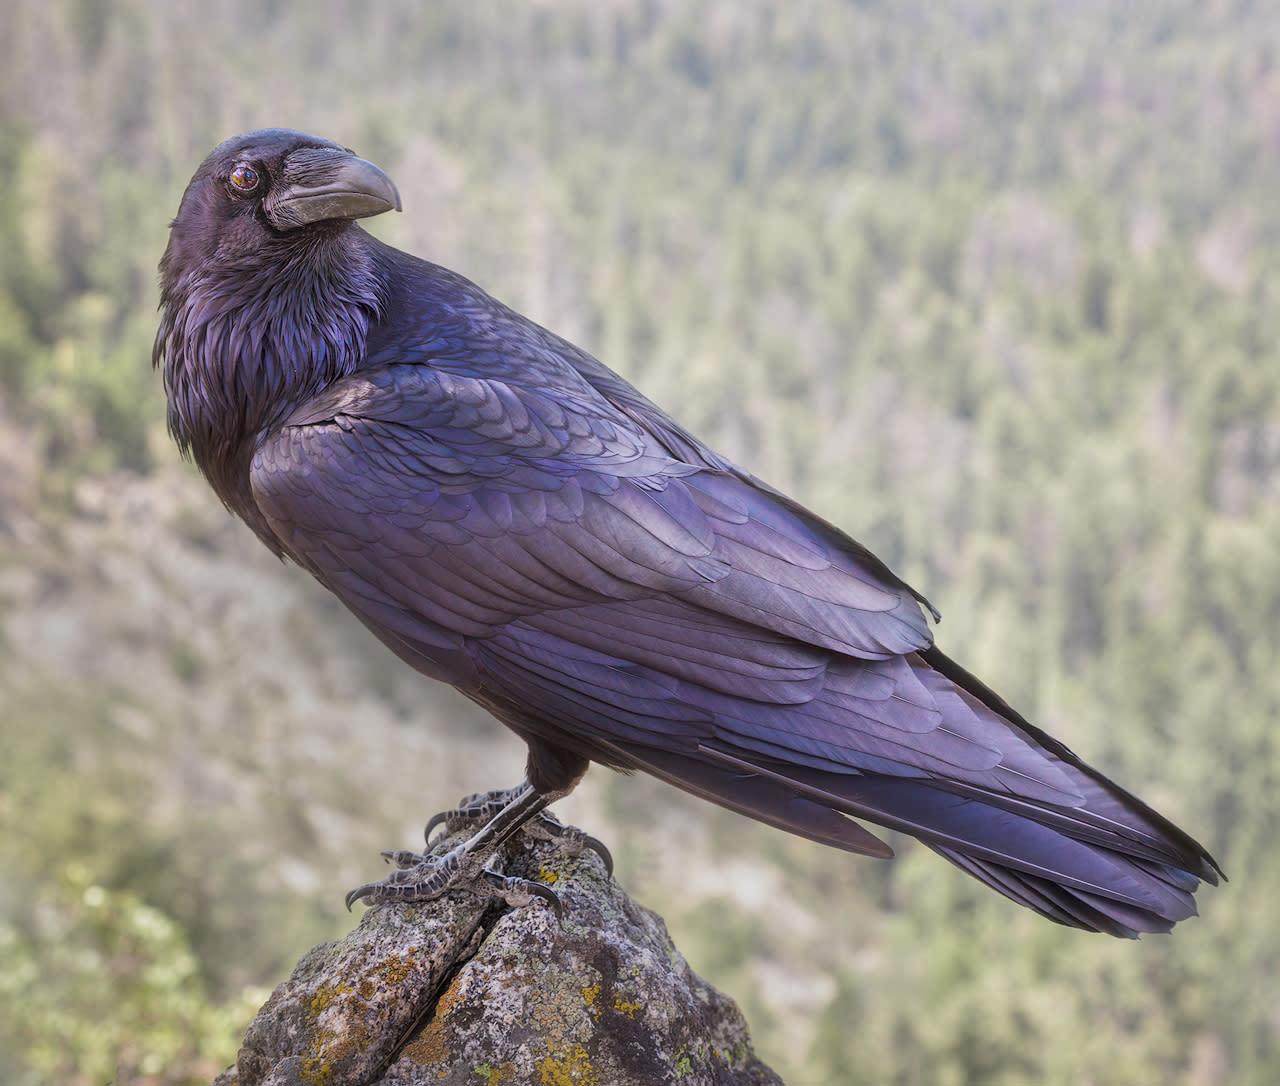 Spirit bird ngqbg4